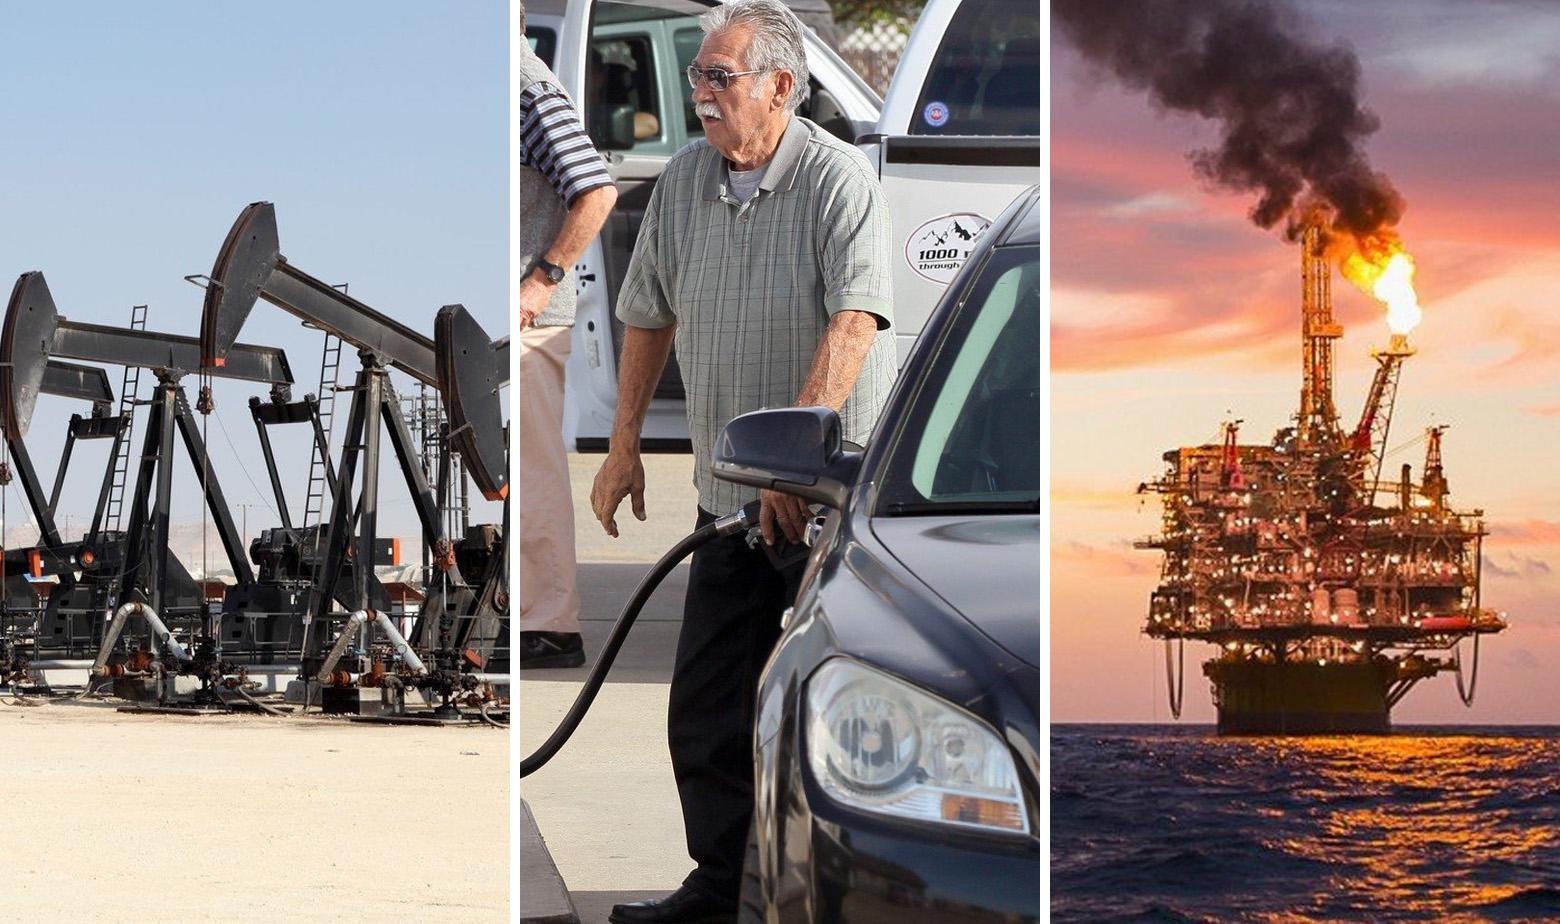 Ilustracija: naftno polje u Bahreinu, čovjek toči benzin i naftna platforma Corpus Christi u Meksičkom zaljevu